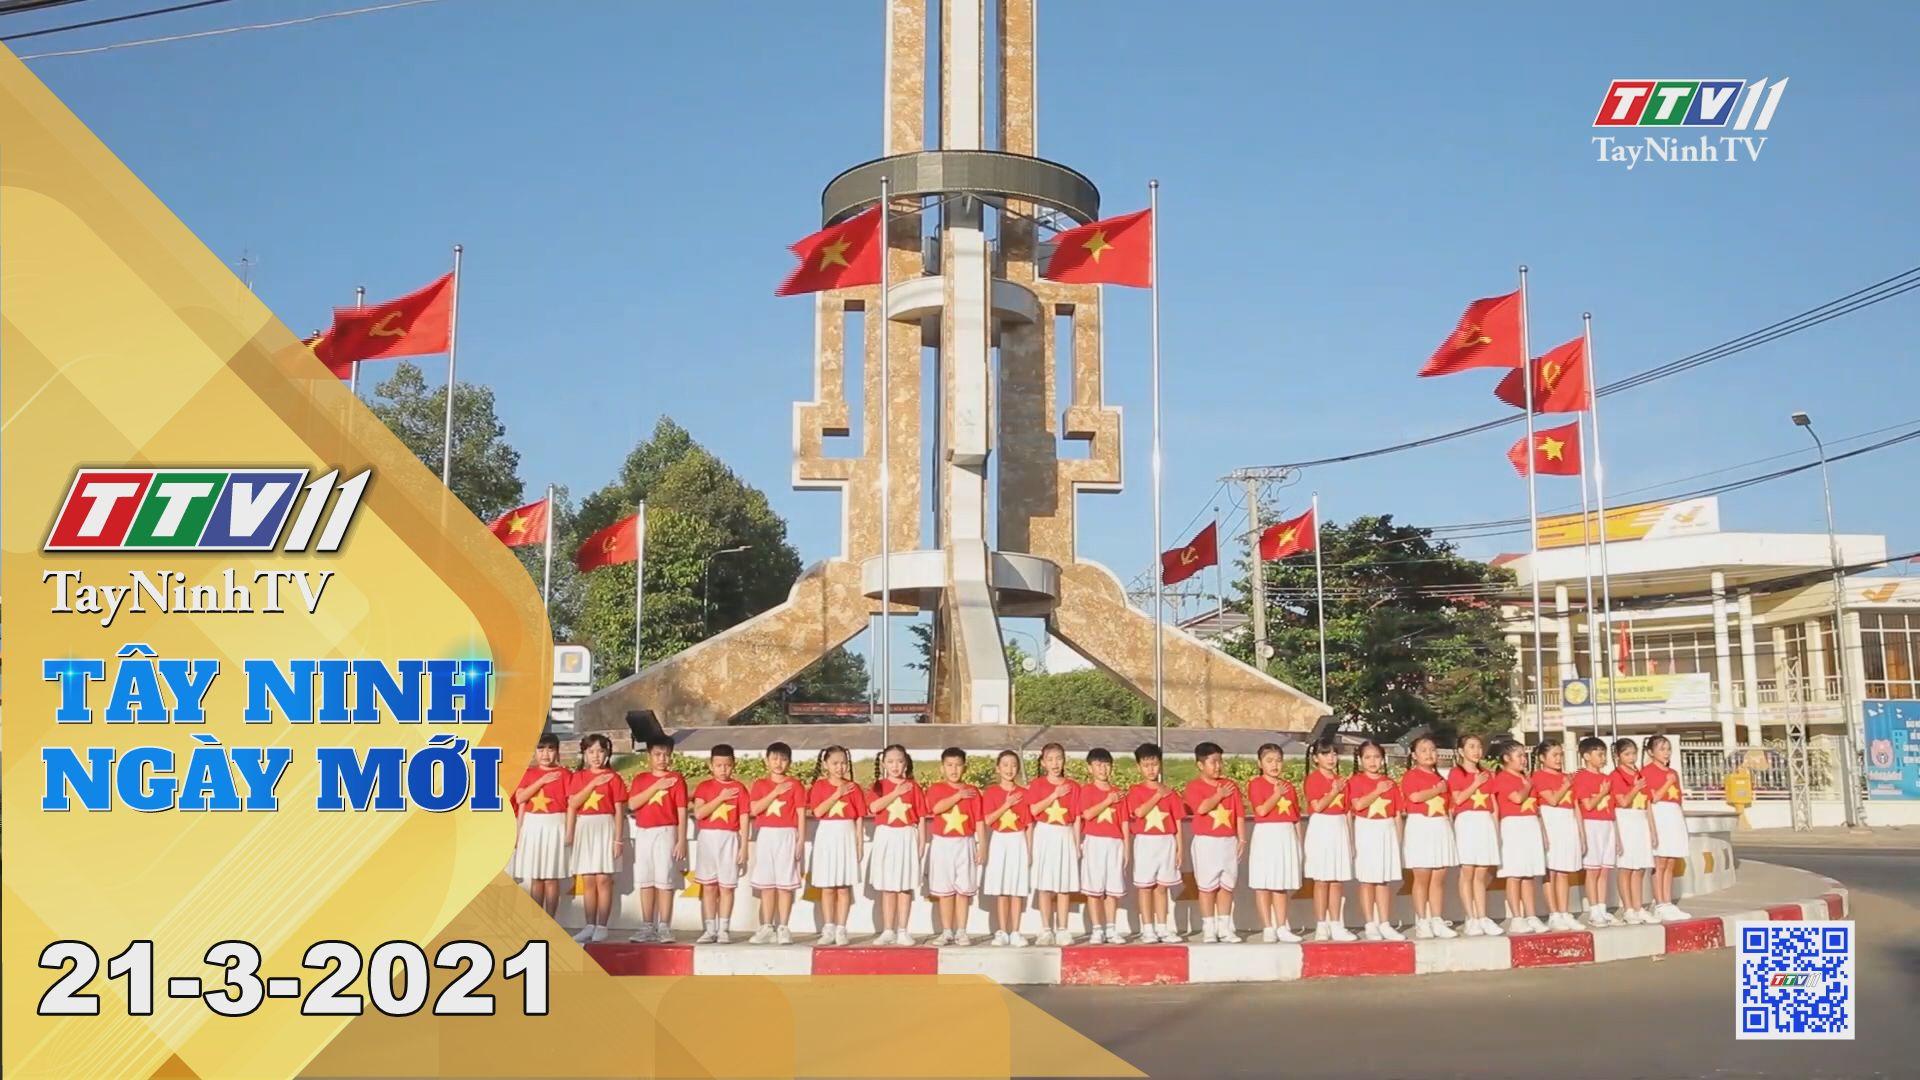 Tây Ninh Ngày Mới 21-3-2021 | Tin tức hôm nay | TayNinhTV